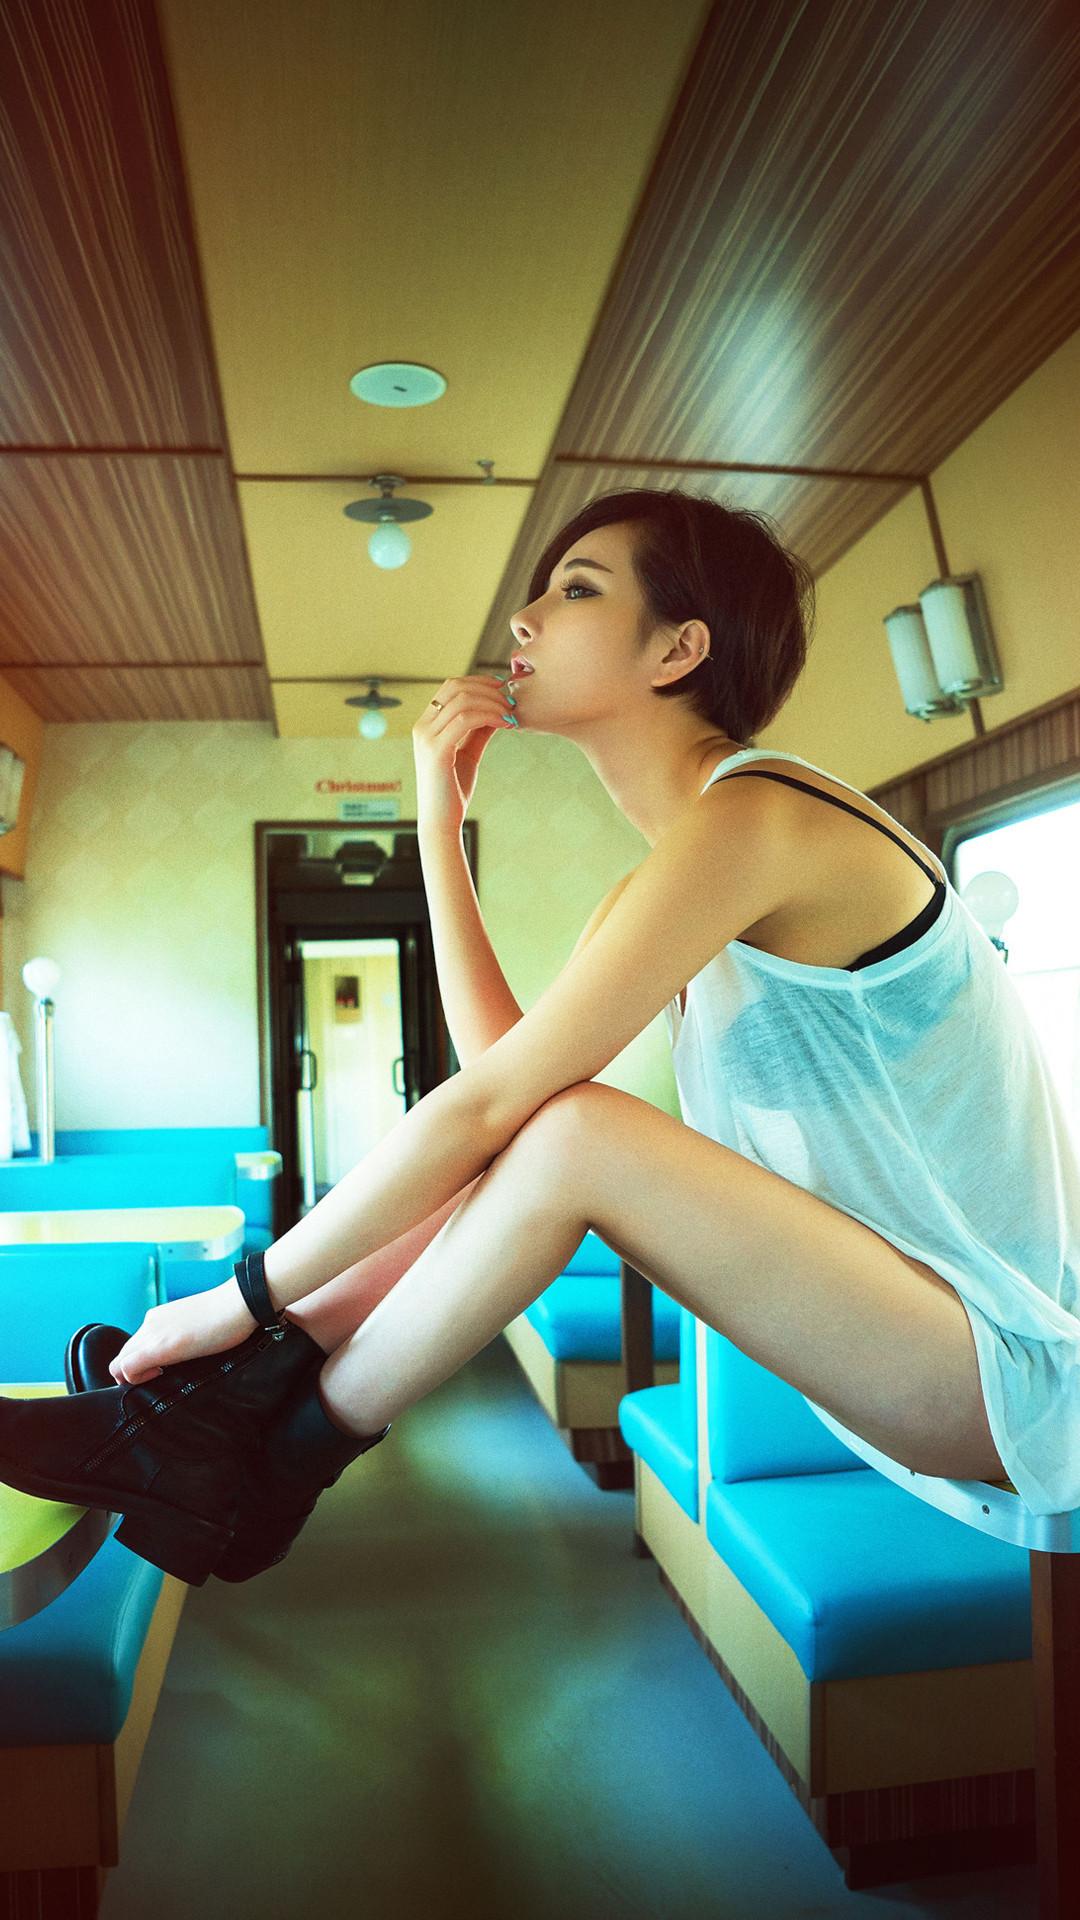 光屁股图片大全_光鸡美女 - www.qqyouyan.com